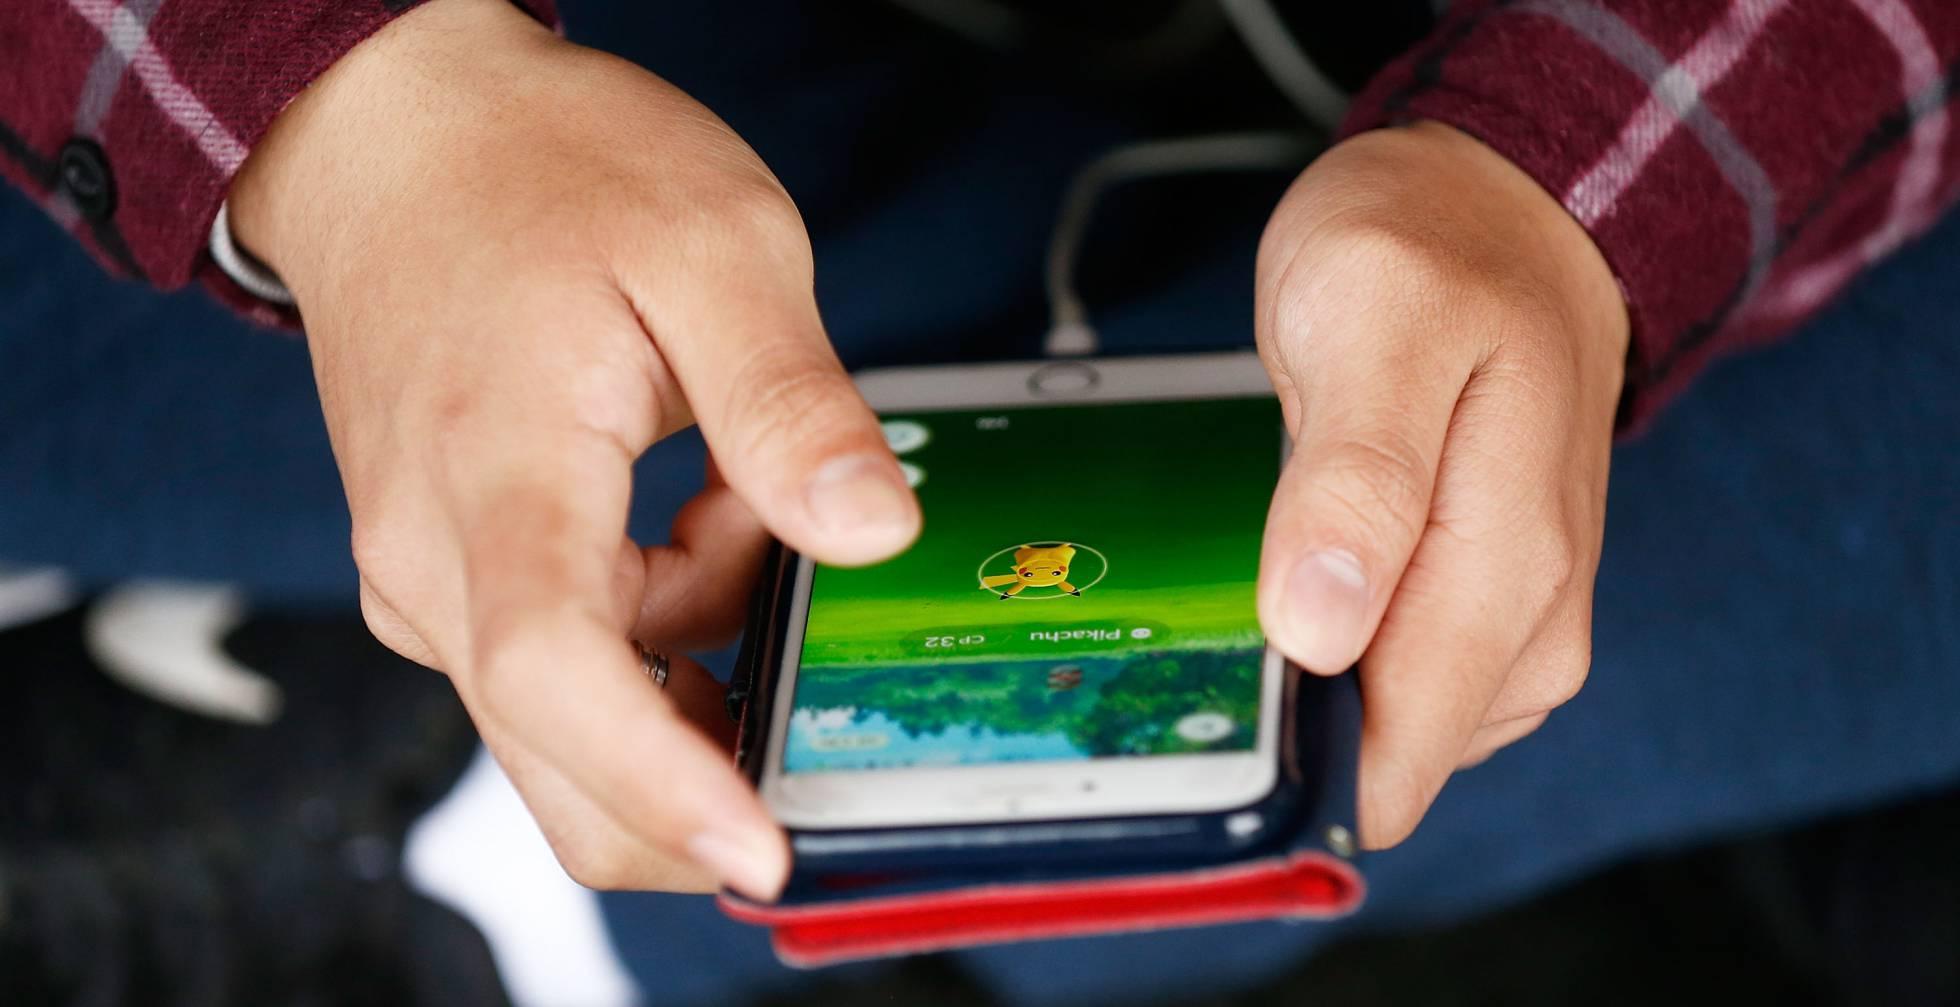 В 510 муниципалитетах Испании появятся общественные зоны с бесплатным доступом к интернету